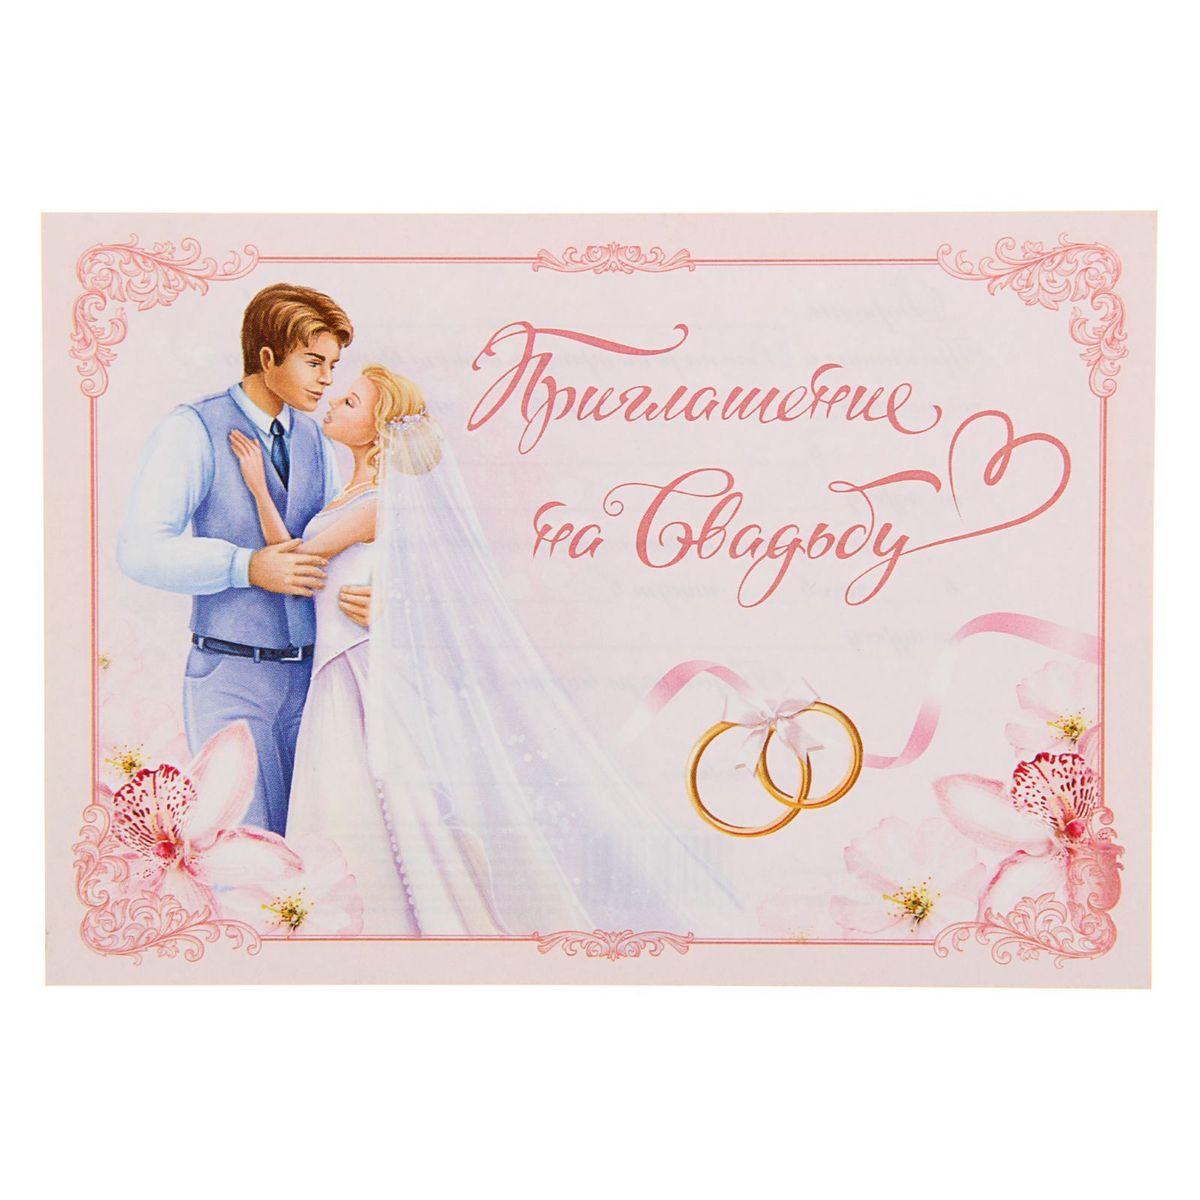 Приглашение на свадьбу Sima-land Молодожены, 10,5 х 15 см1338639Когда дата и время бракосочетания уже известны, и вы определились со списком гостей, необходимо оповестить их о предстоящем празднике. Существует традиция делать персональные приглашения с указанием времени и даты мероприятия. Но перед свадьбой столько всего надо успеть, что на изготовление десятков открыток просто не остается времени. В этом случае вам придет на помощь приглашение на свадьбу Sima-land Молодожены. На обратной стороне приглашения расположен текст со свободными полями для имени адресата, времени, даты и адреса проведения мероприятия. Вам остается только заполнить необходимые строки и раздать приглашения гостям. Устройте себе незабываемую свадьбу!